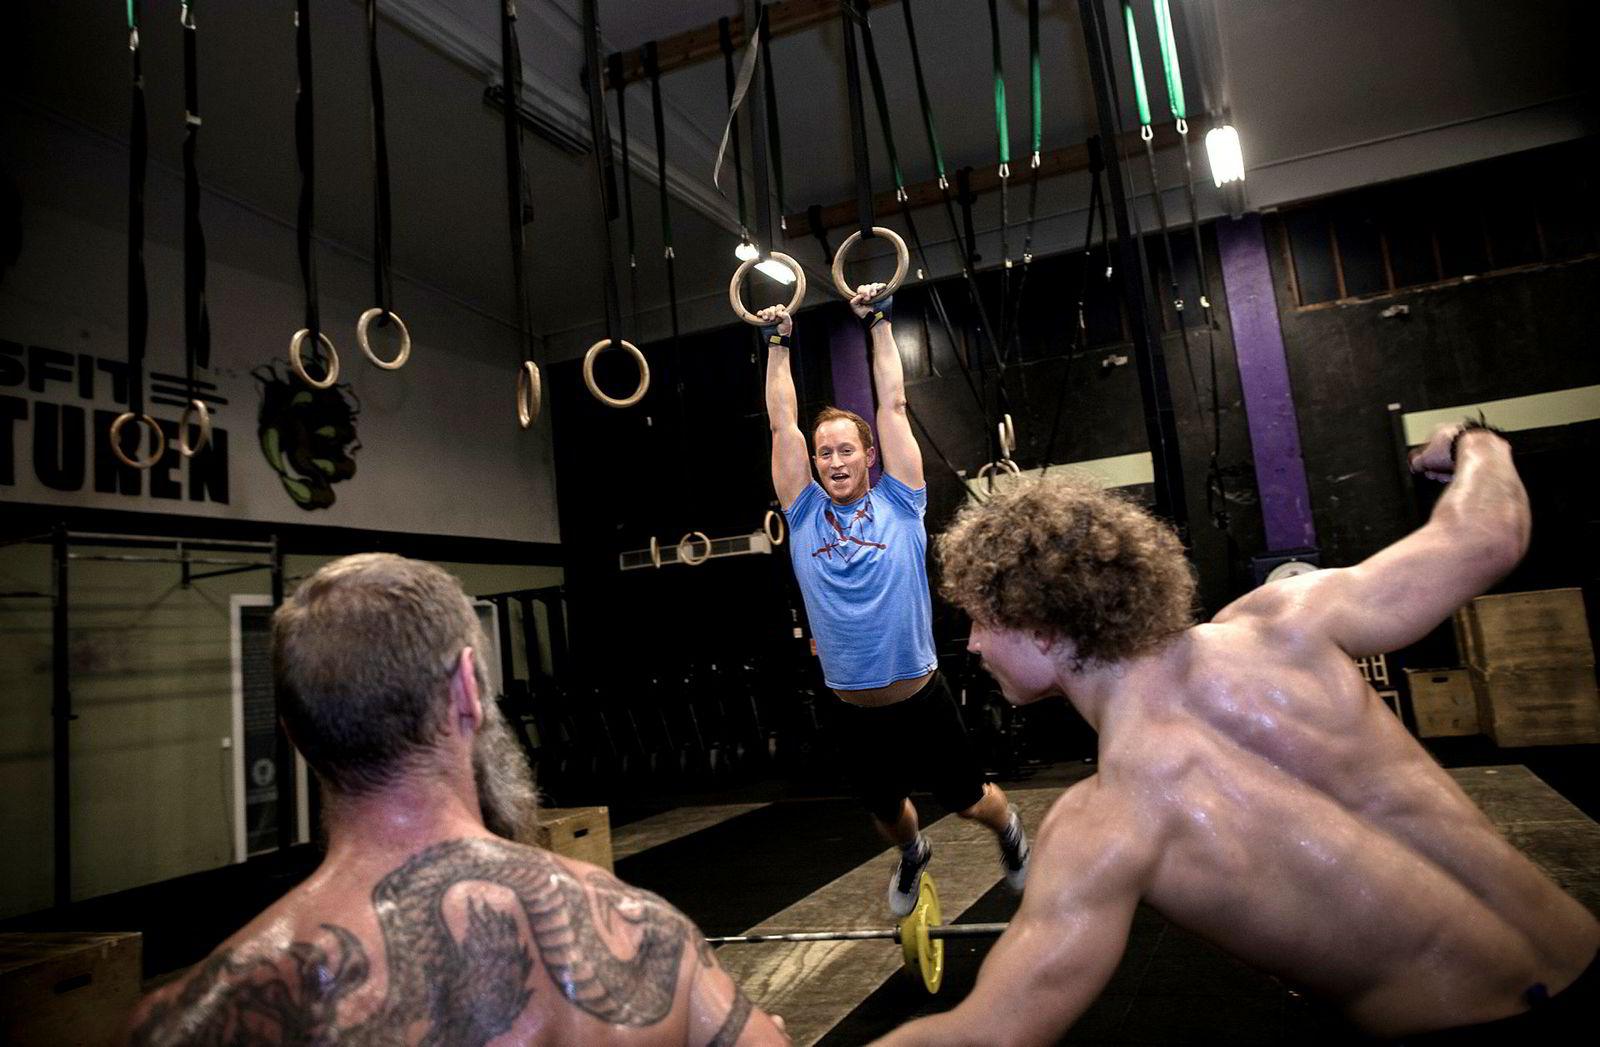 Kjetil Loka (35) trener cross fit fem ganger i uken, og er opptatt av å få i seg riktig mat. Nå vurderer han å droppe det dyre proteinpulveret.